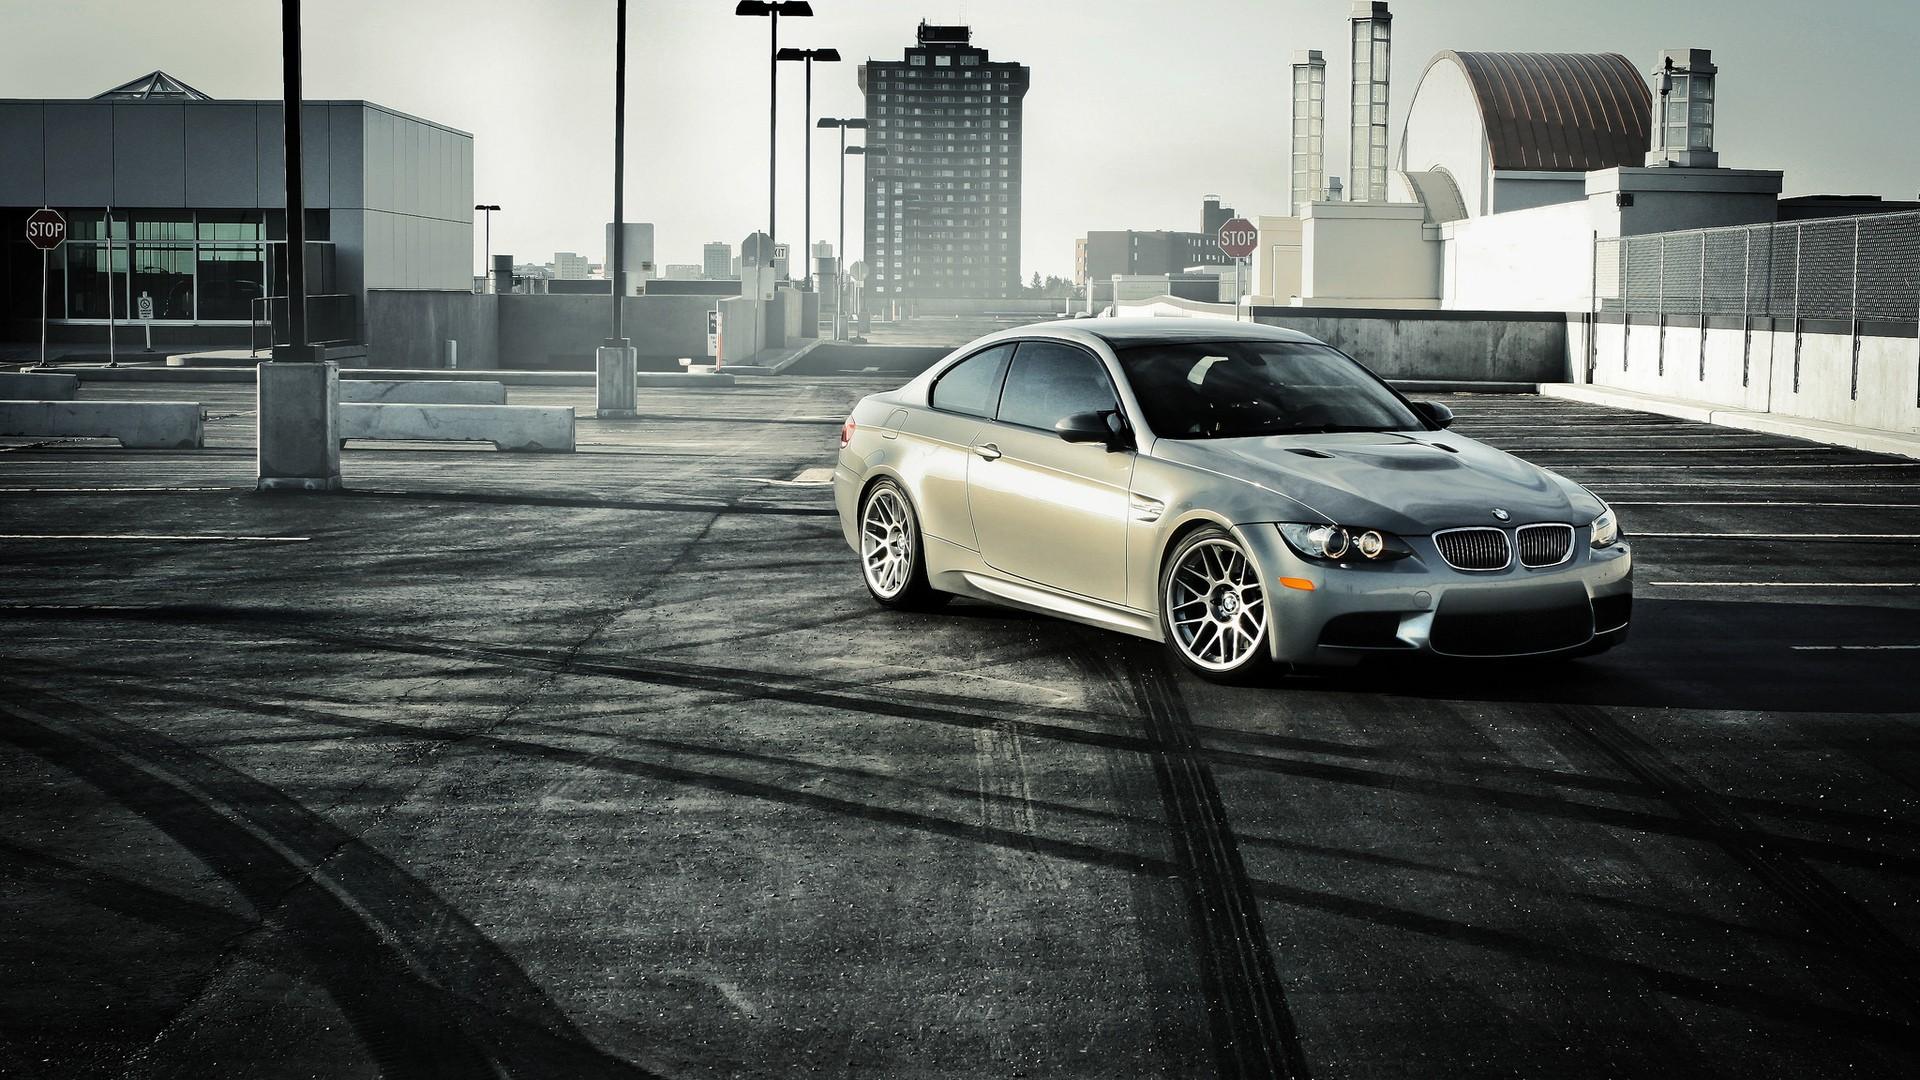 BMW M3 HD Wallpaper3